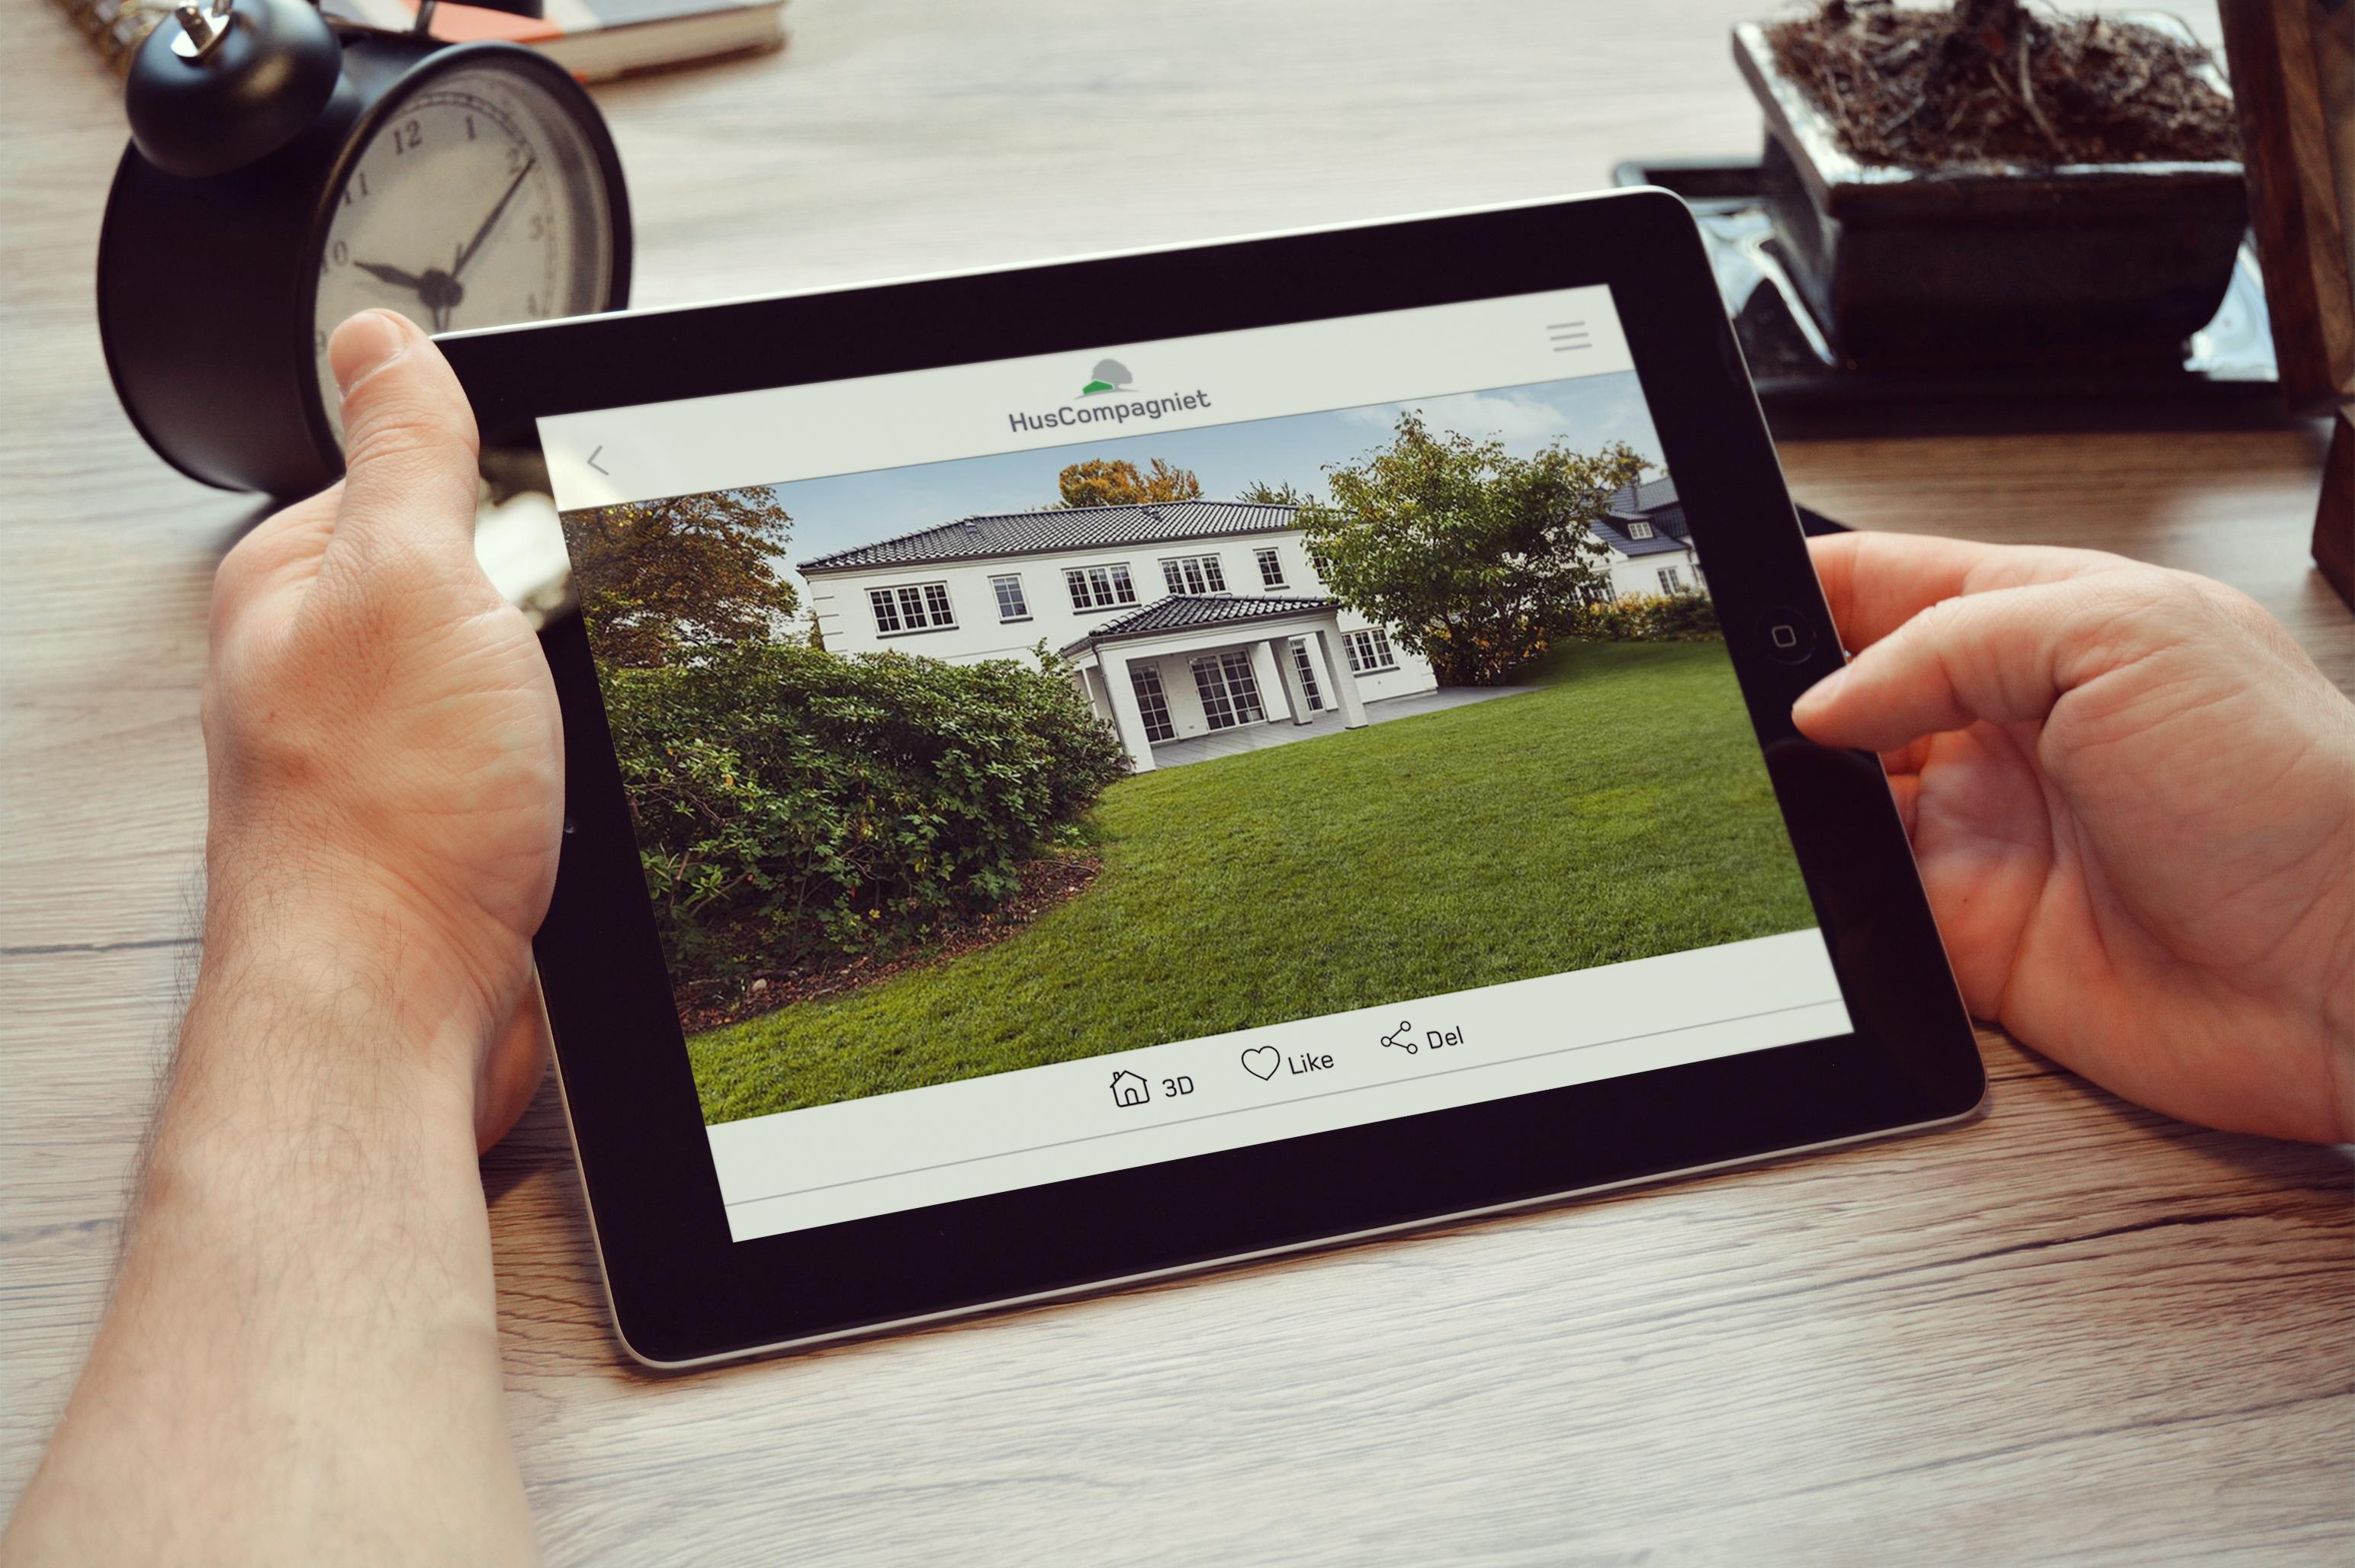 Huscompagniet-app-ipad-3